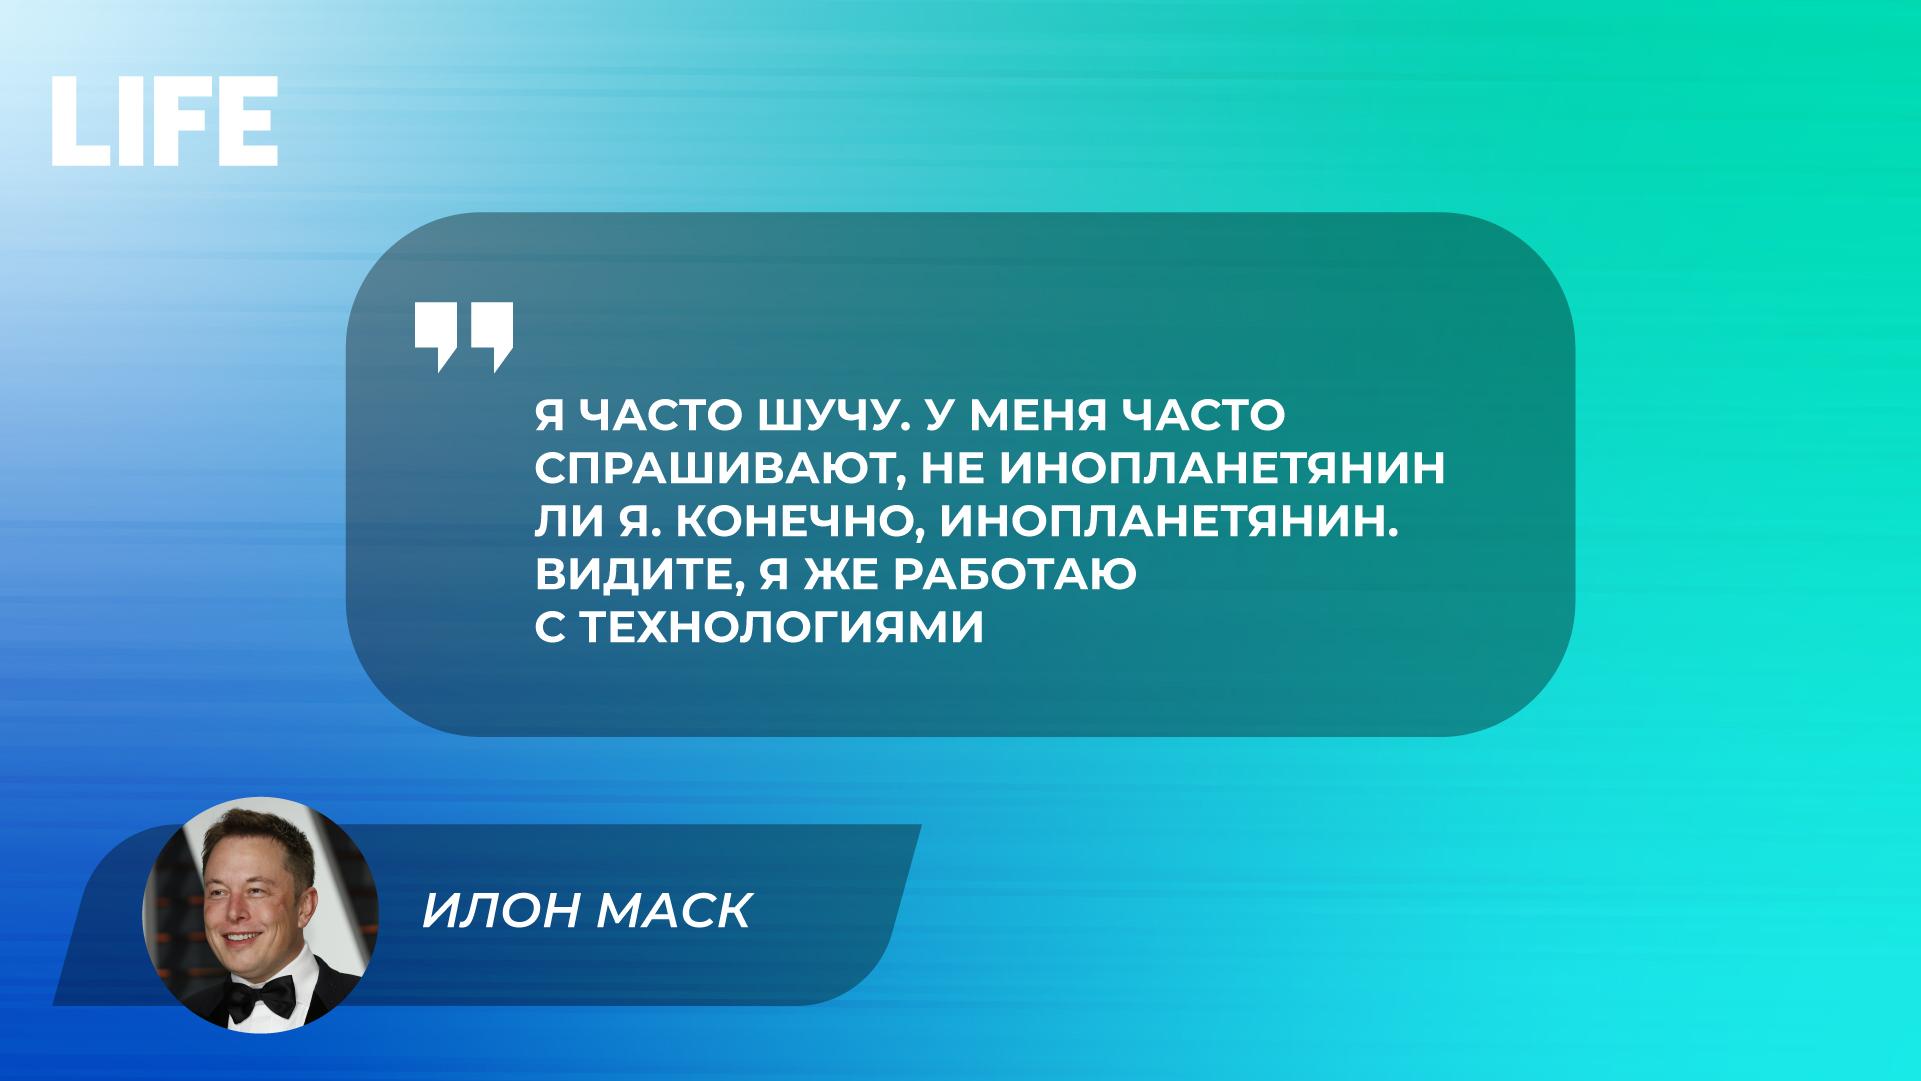 Маск: Я, конечно, инопланетянин Инфографика © LIFE